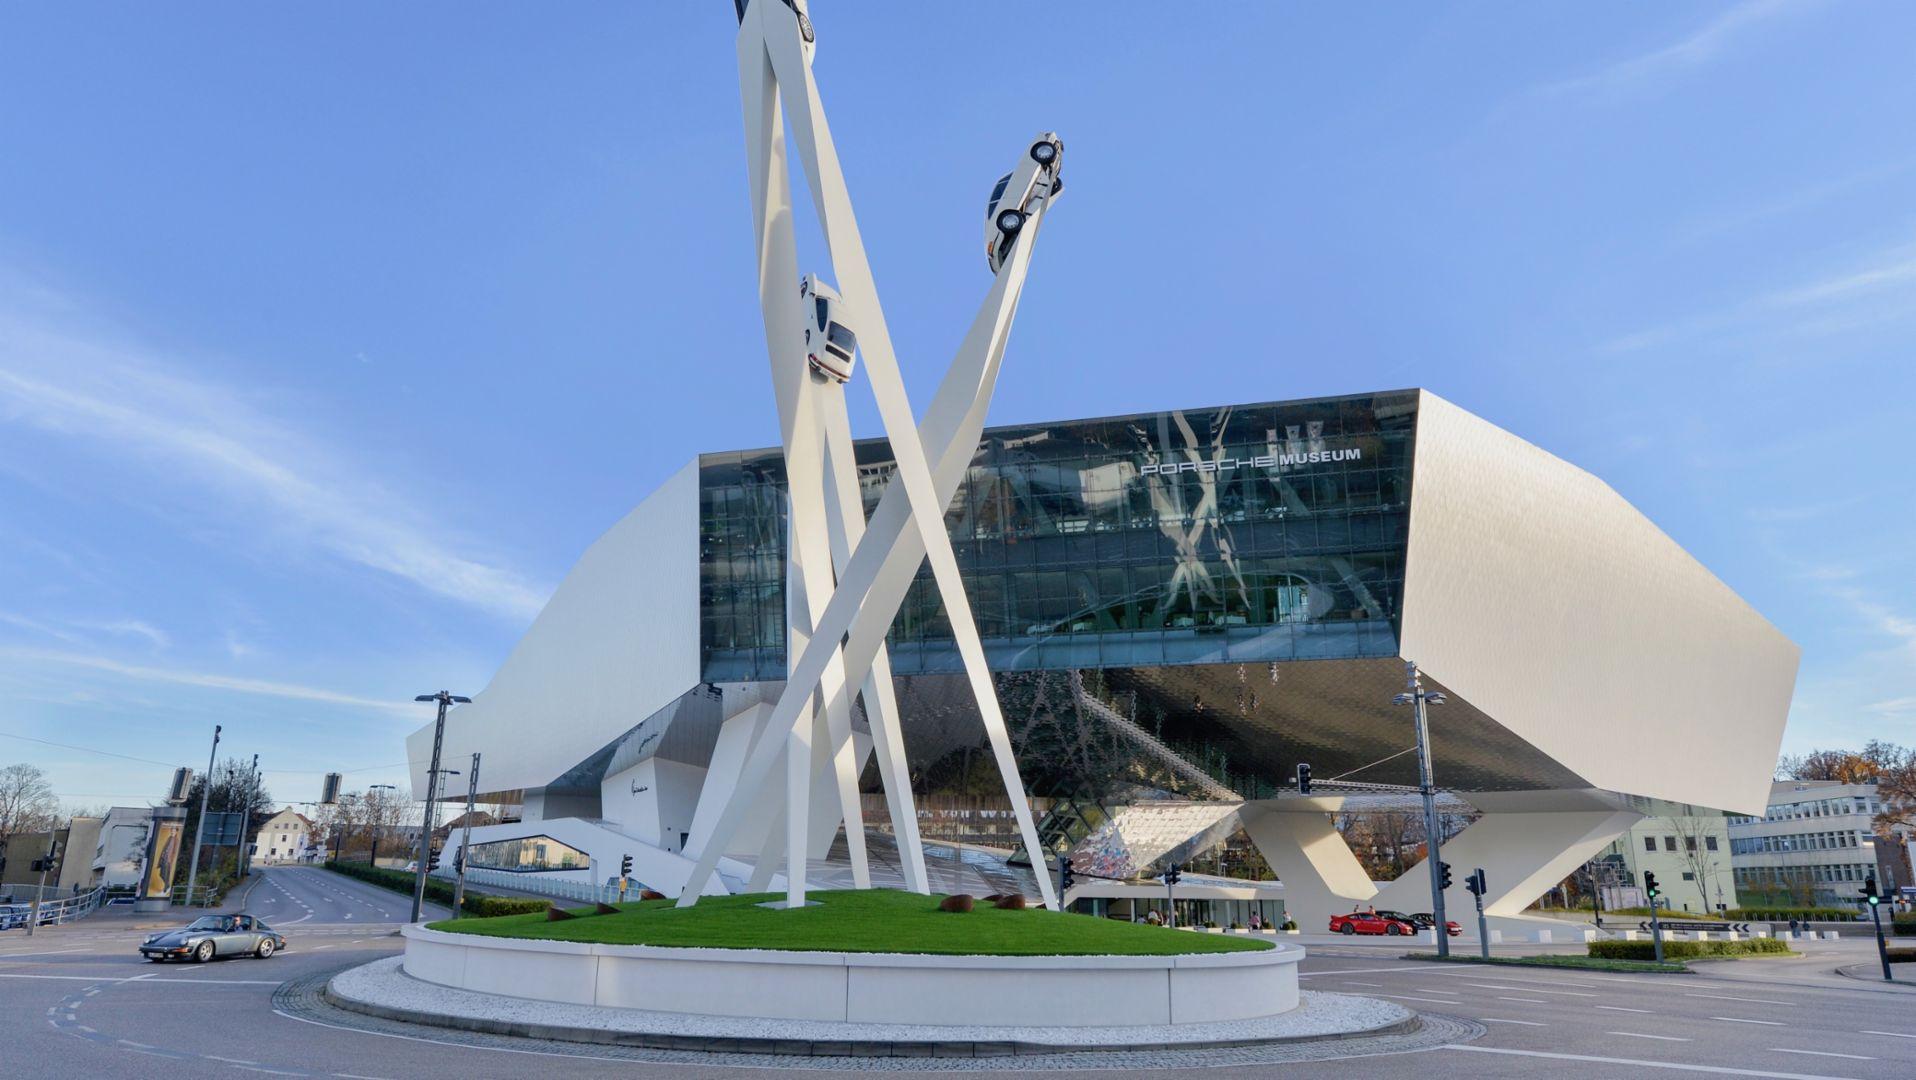 Das Porsche Museum Engagiert Sich Zum Internationalen Tag Der Menschen Mit Behinderung